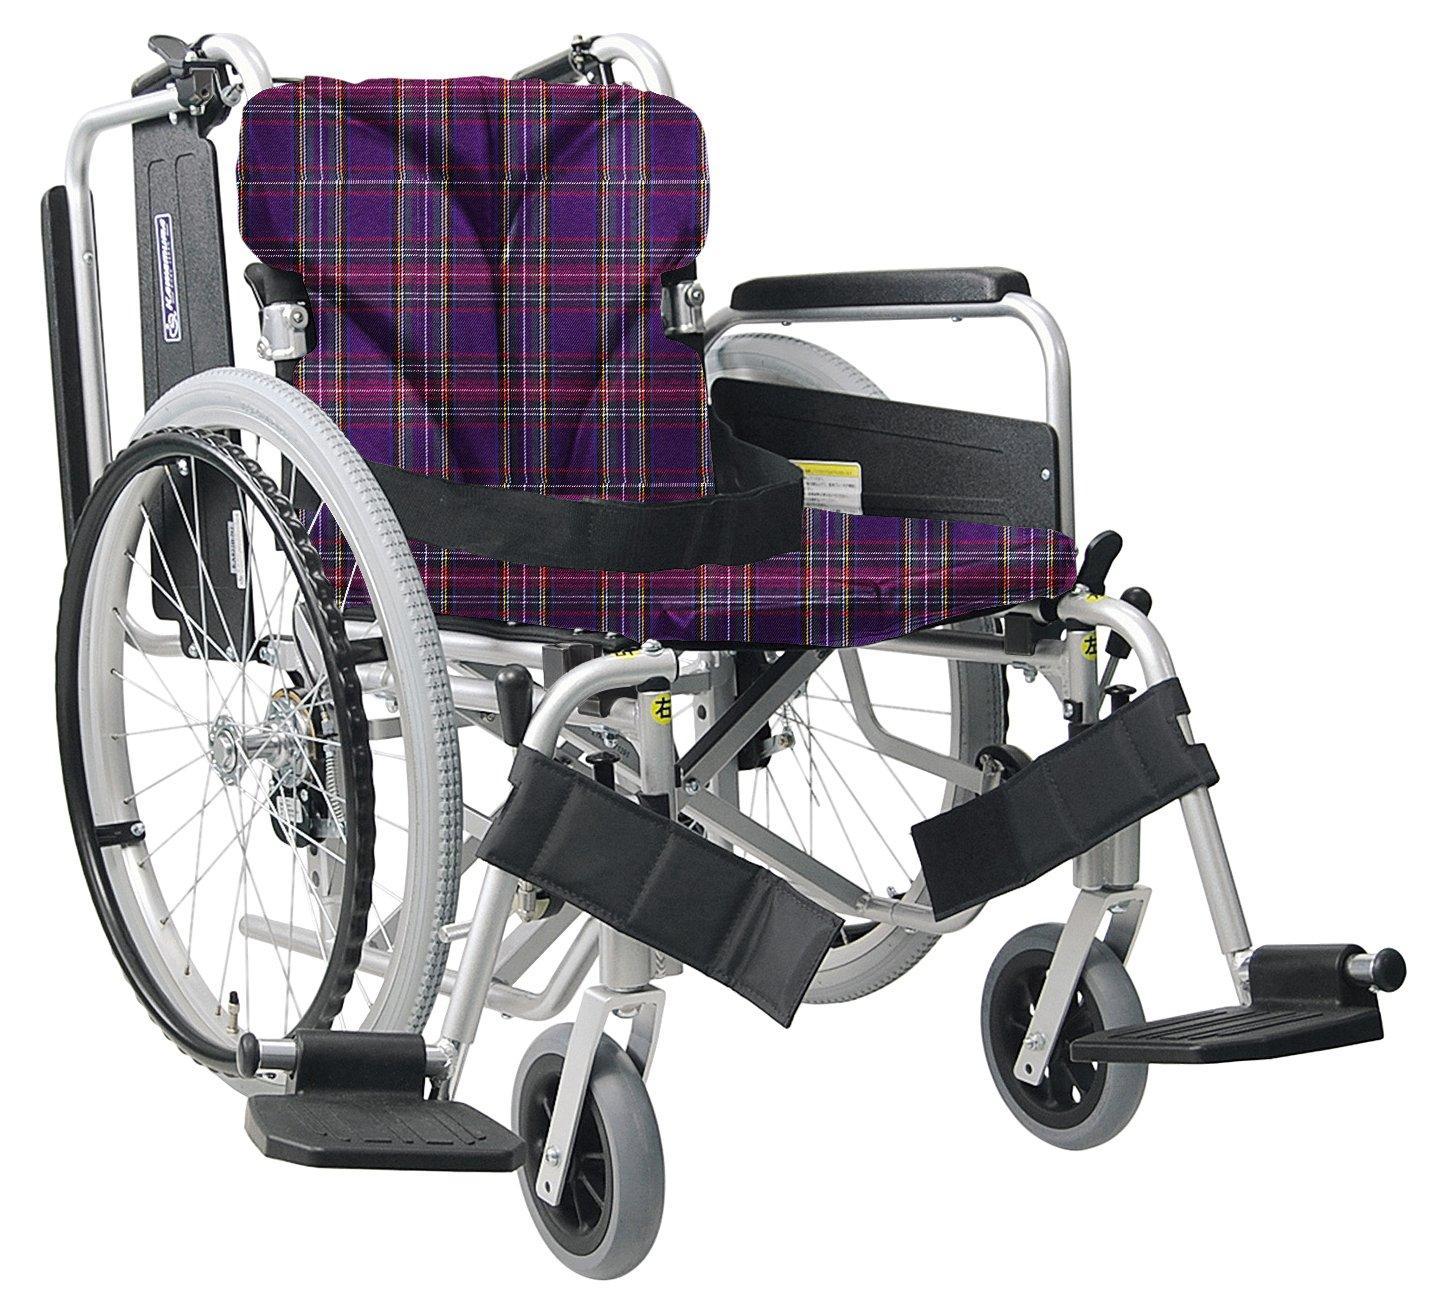 【非課税】カワムラサイクル 簡易モジュール車いす スイングインアウト式シート幅40cm 中床22インチ シルバー×紫チェック (KA822-40B-Mシルバー×A11) [自走介助兼用] B001GZF0EY